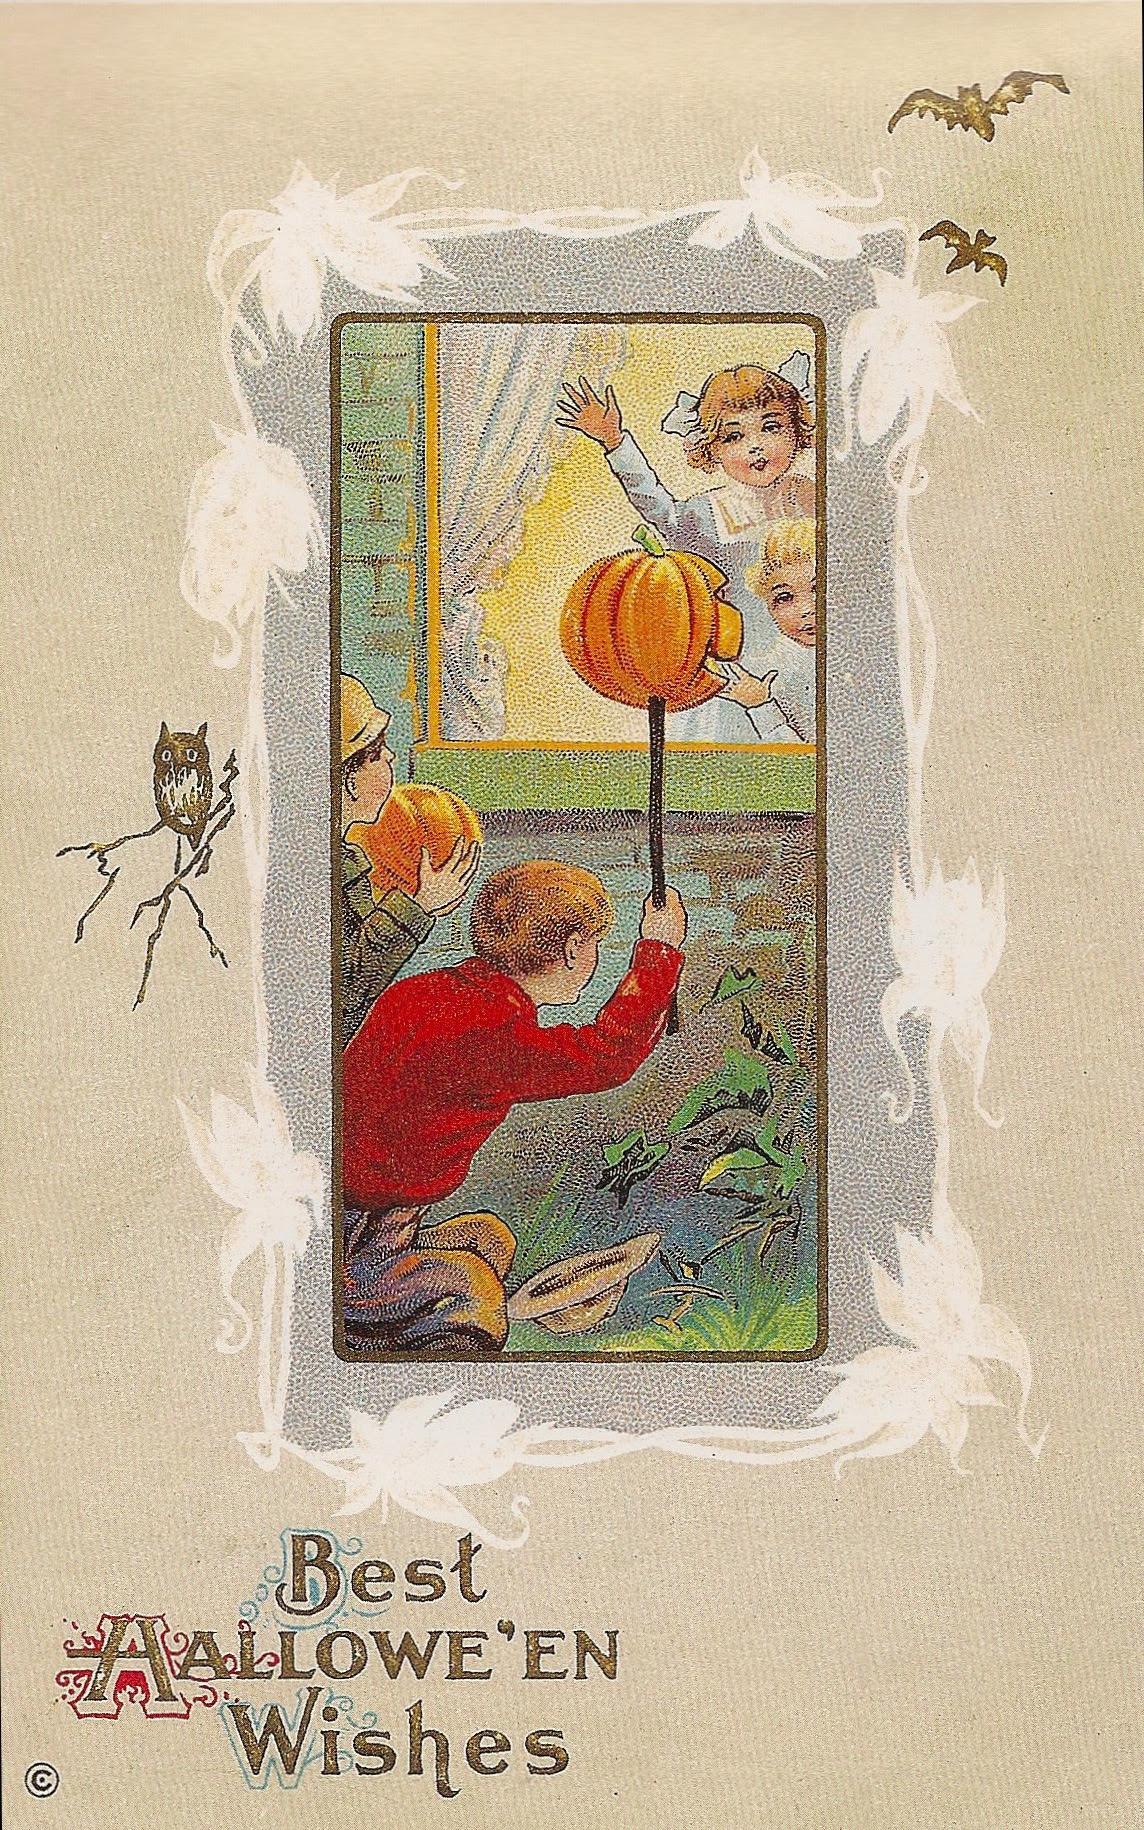 Best Halloween Wishes